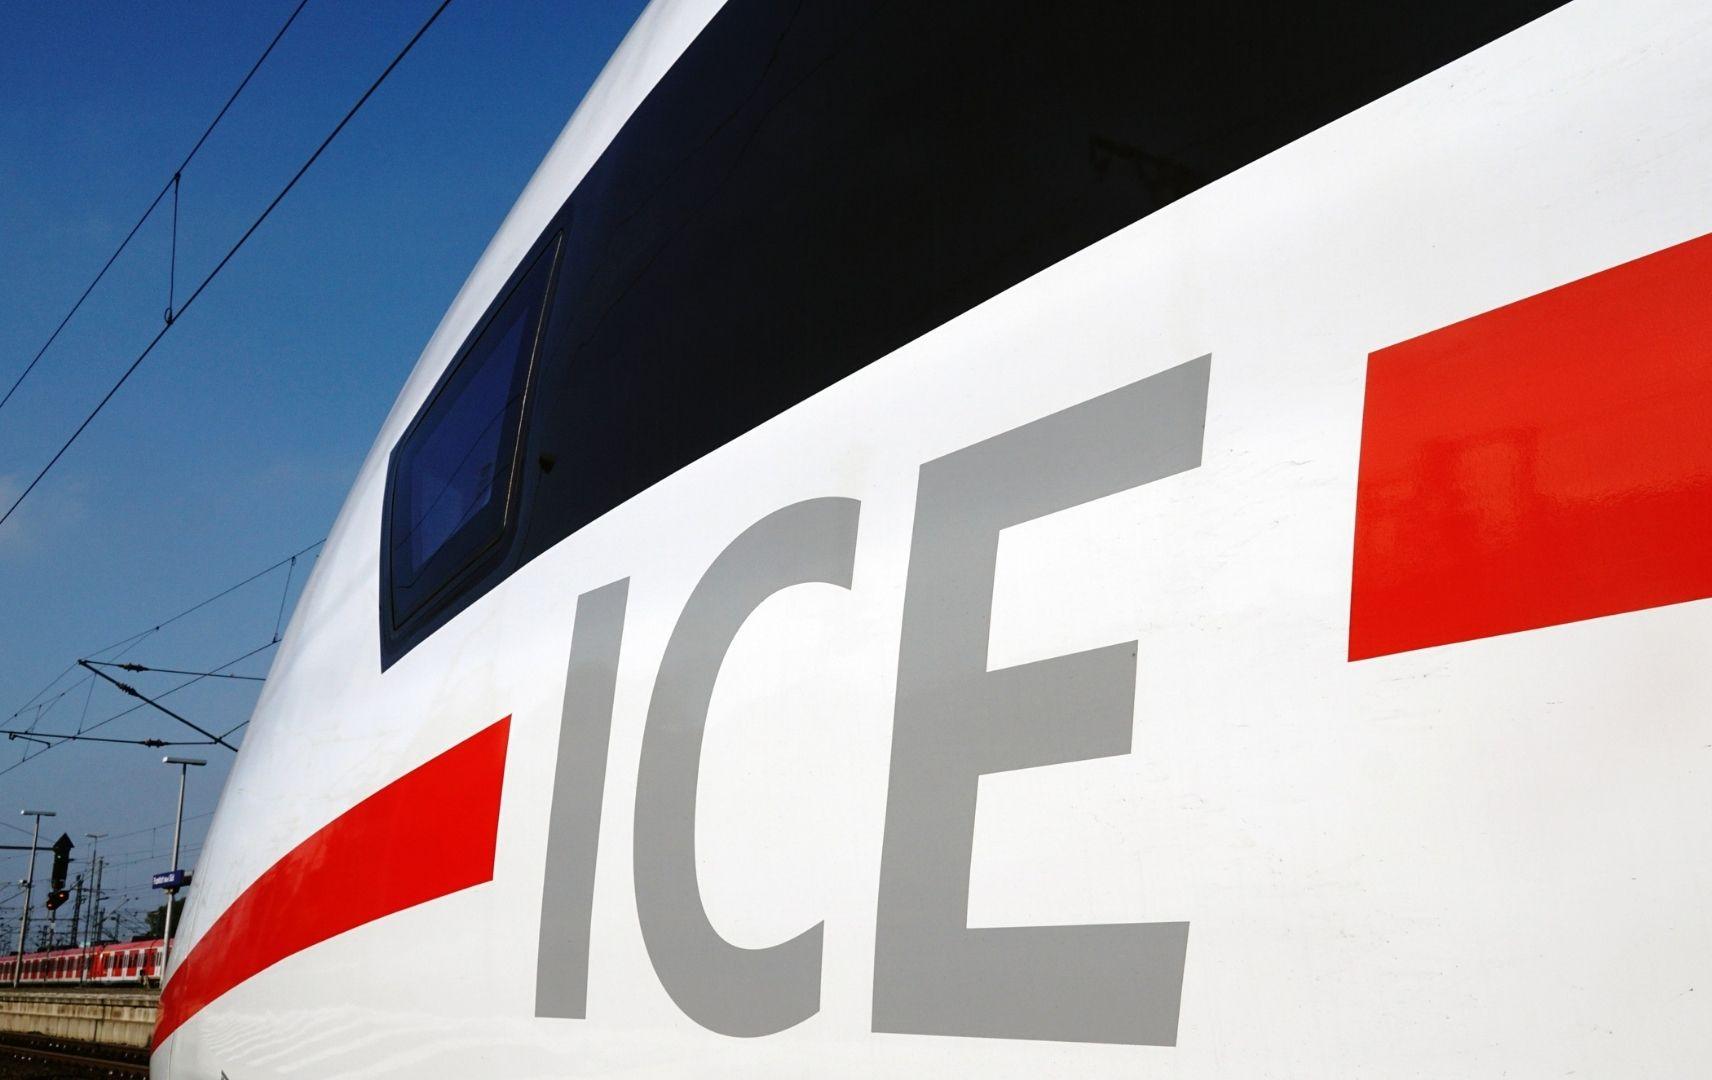 DB ICE Sprinter Triebwagen mit Schriftzug ICE